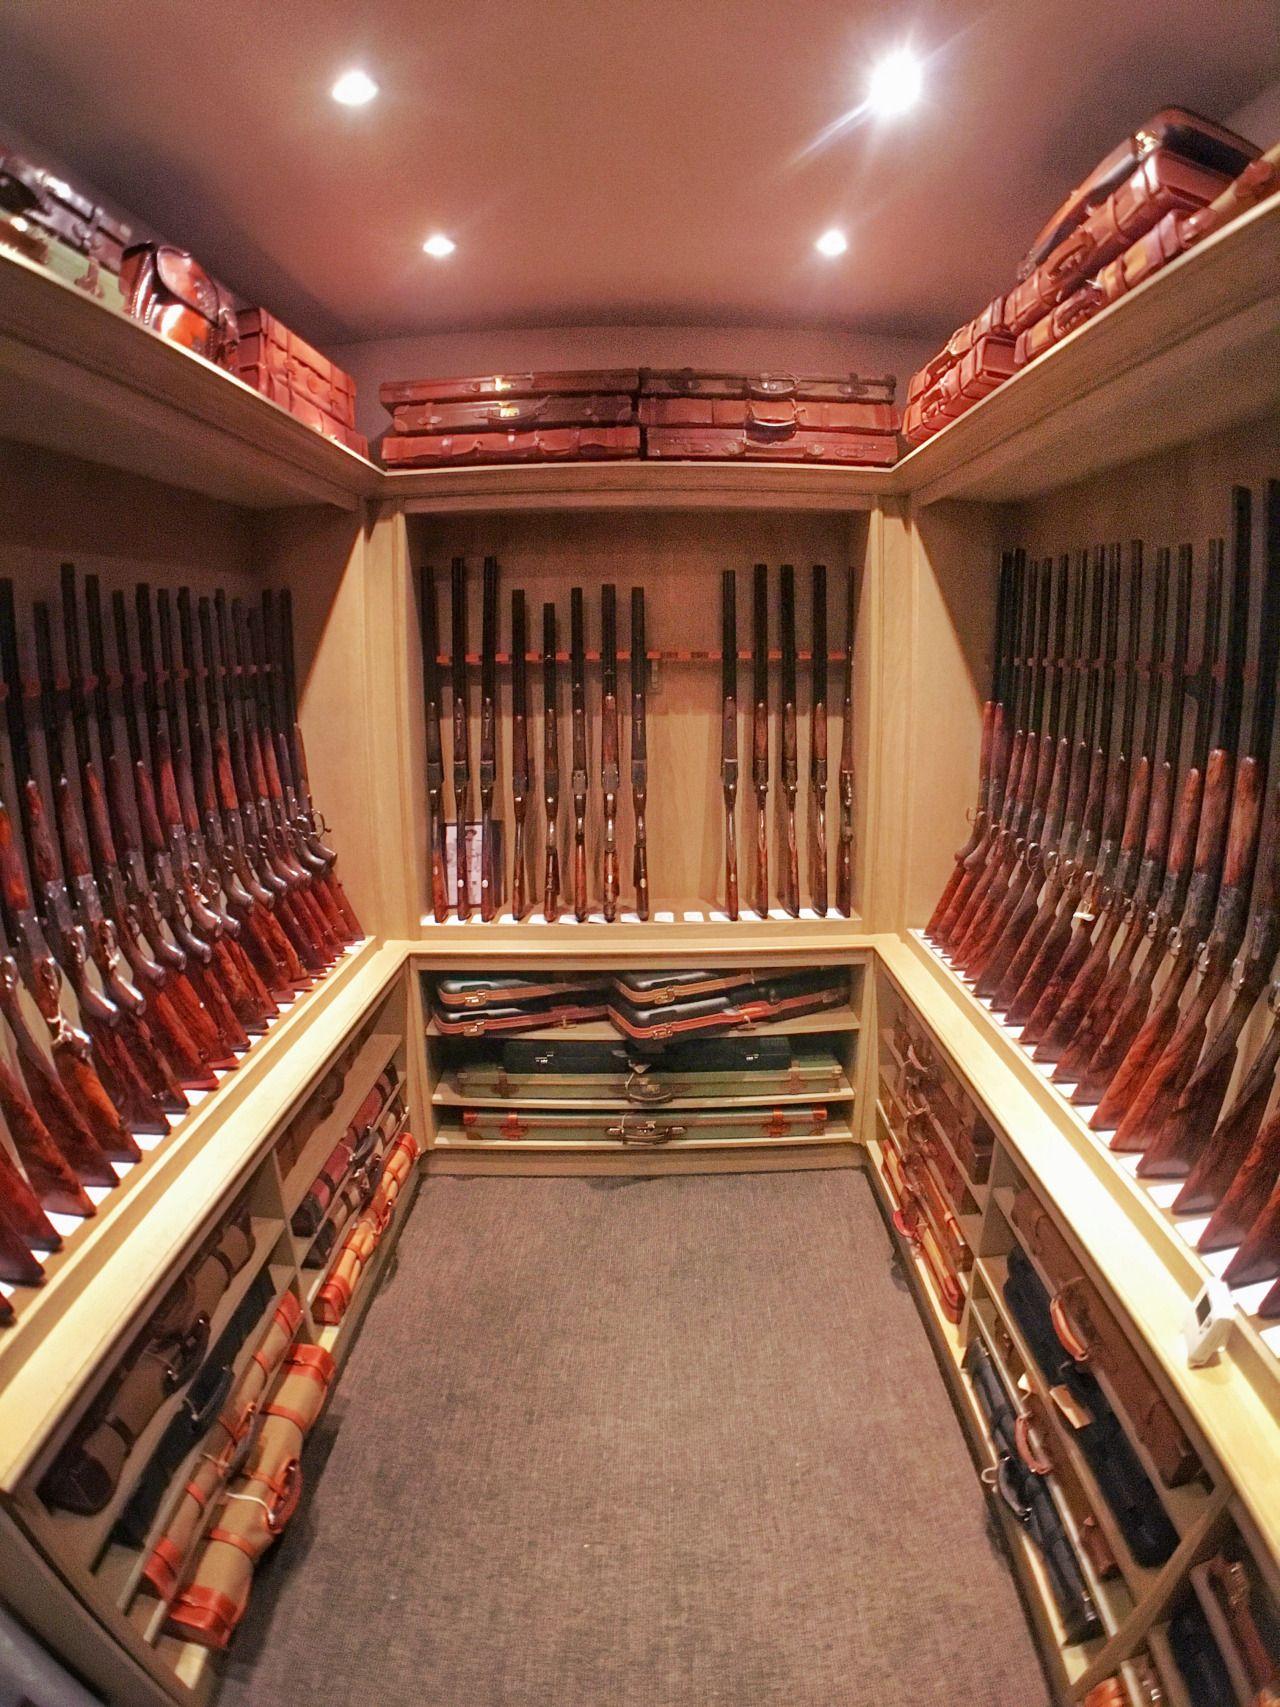 Explore Gun Closet, Closet Safe, And More!